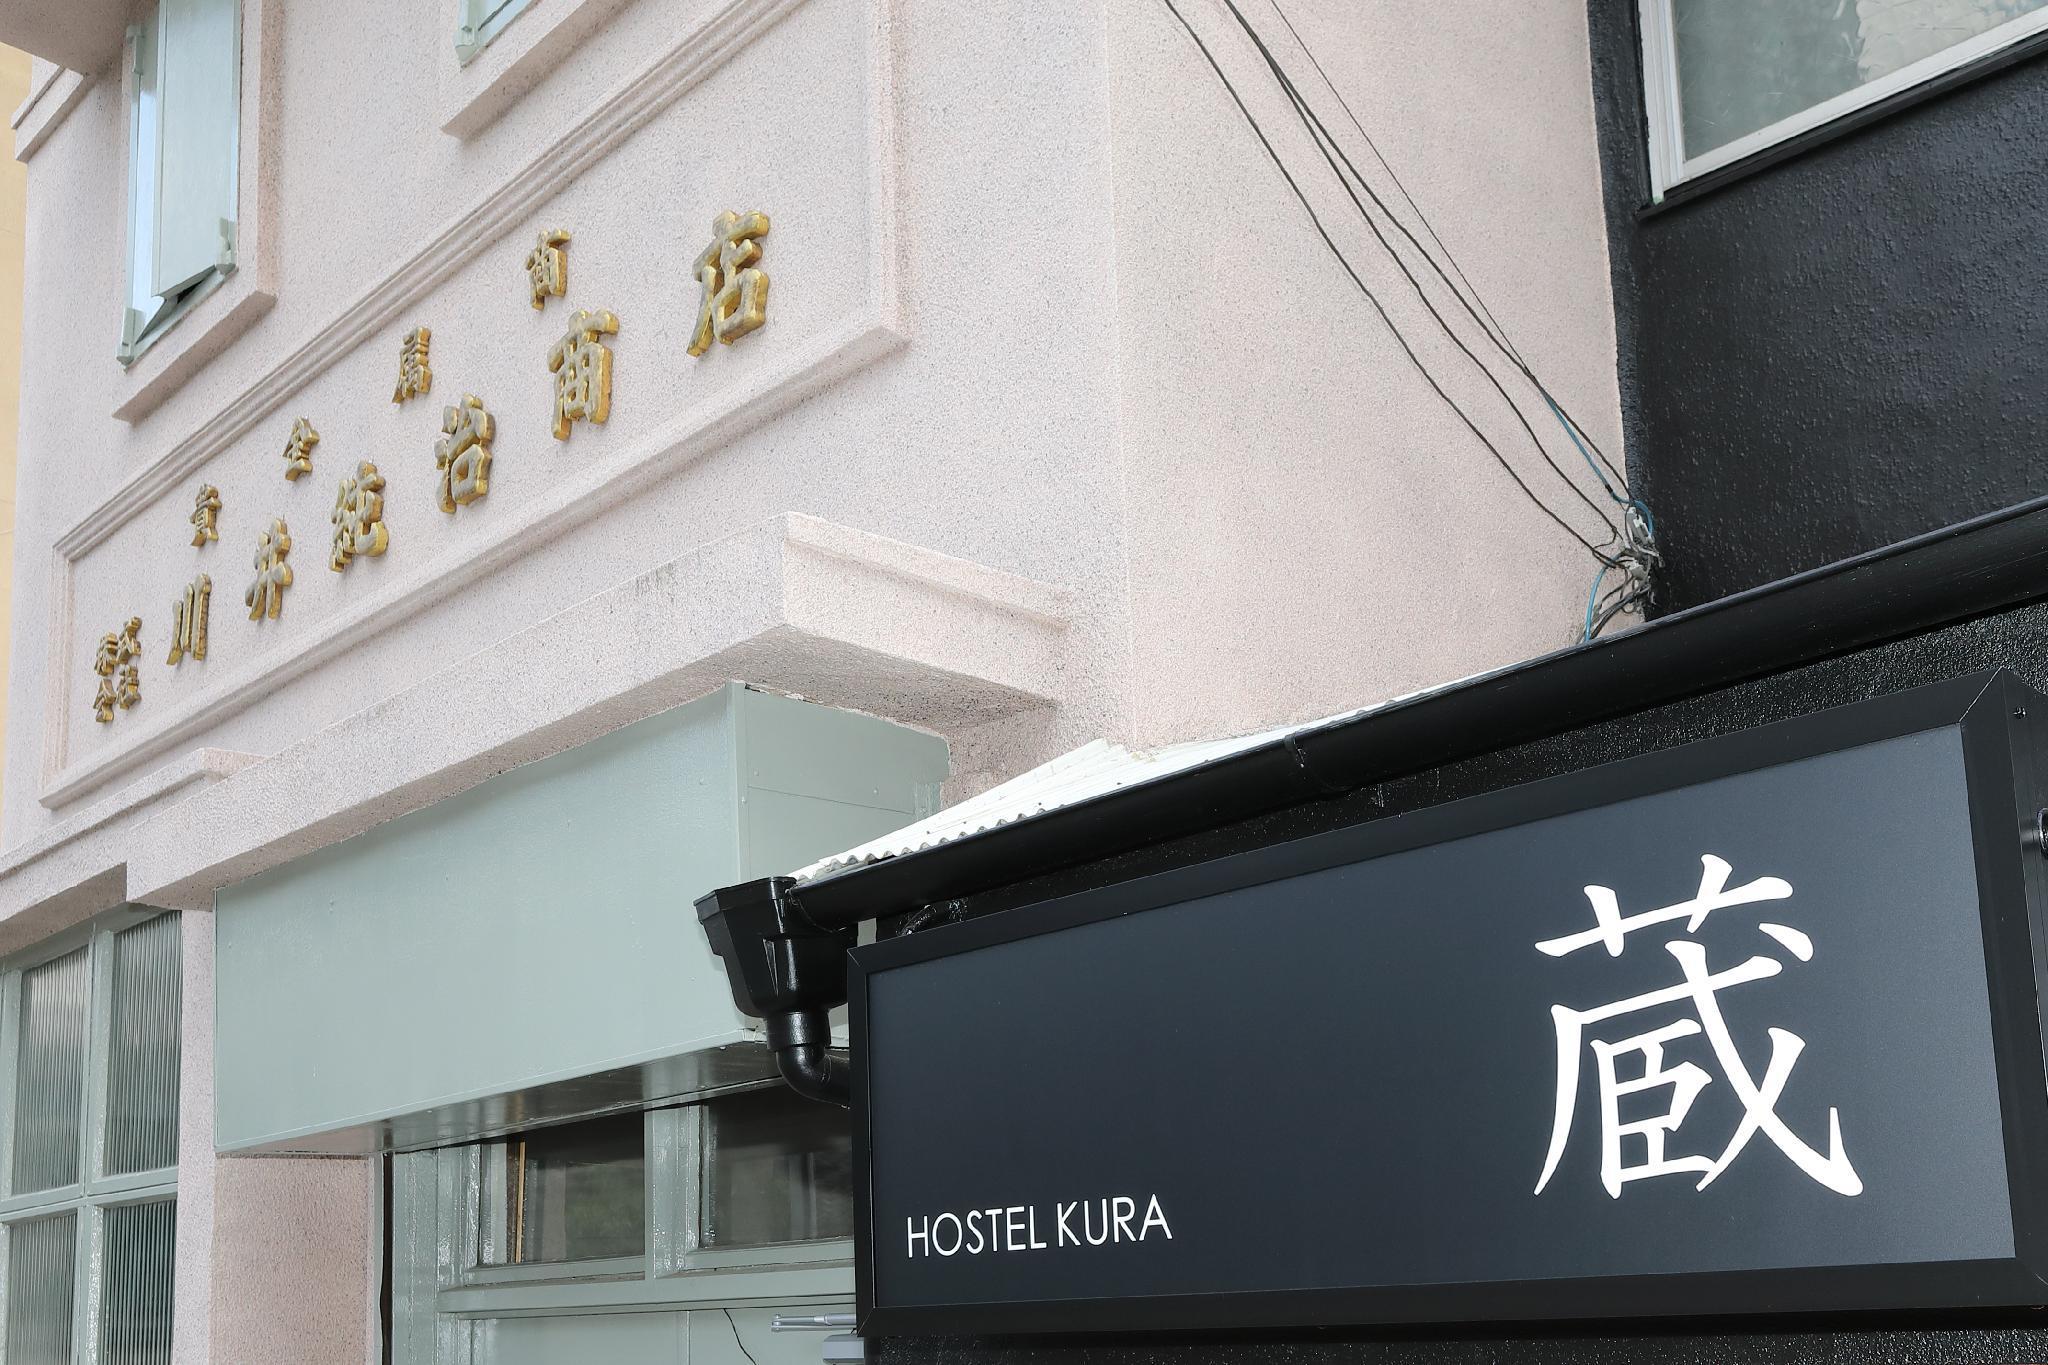 Hostel Kura